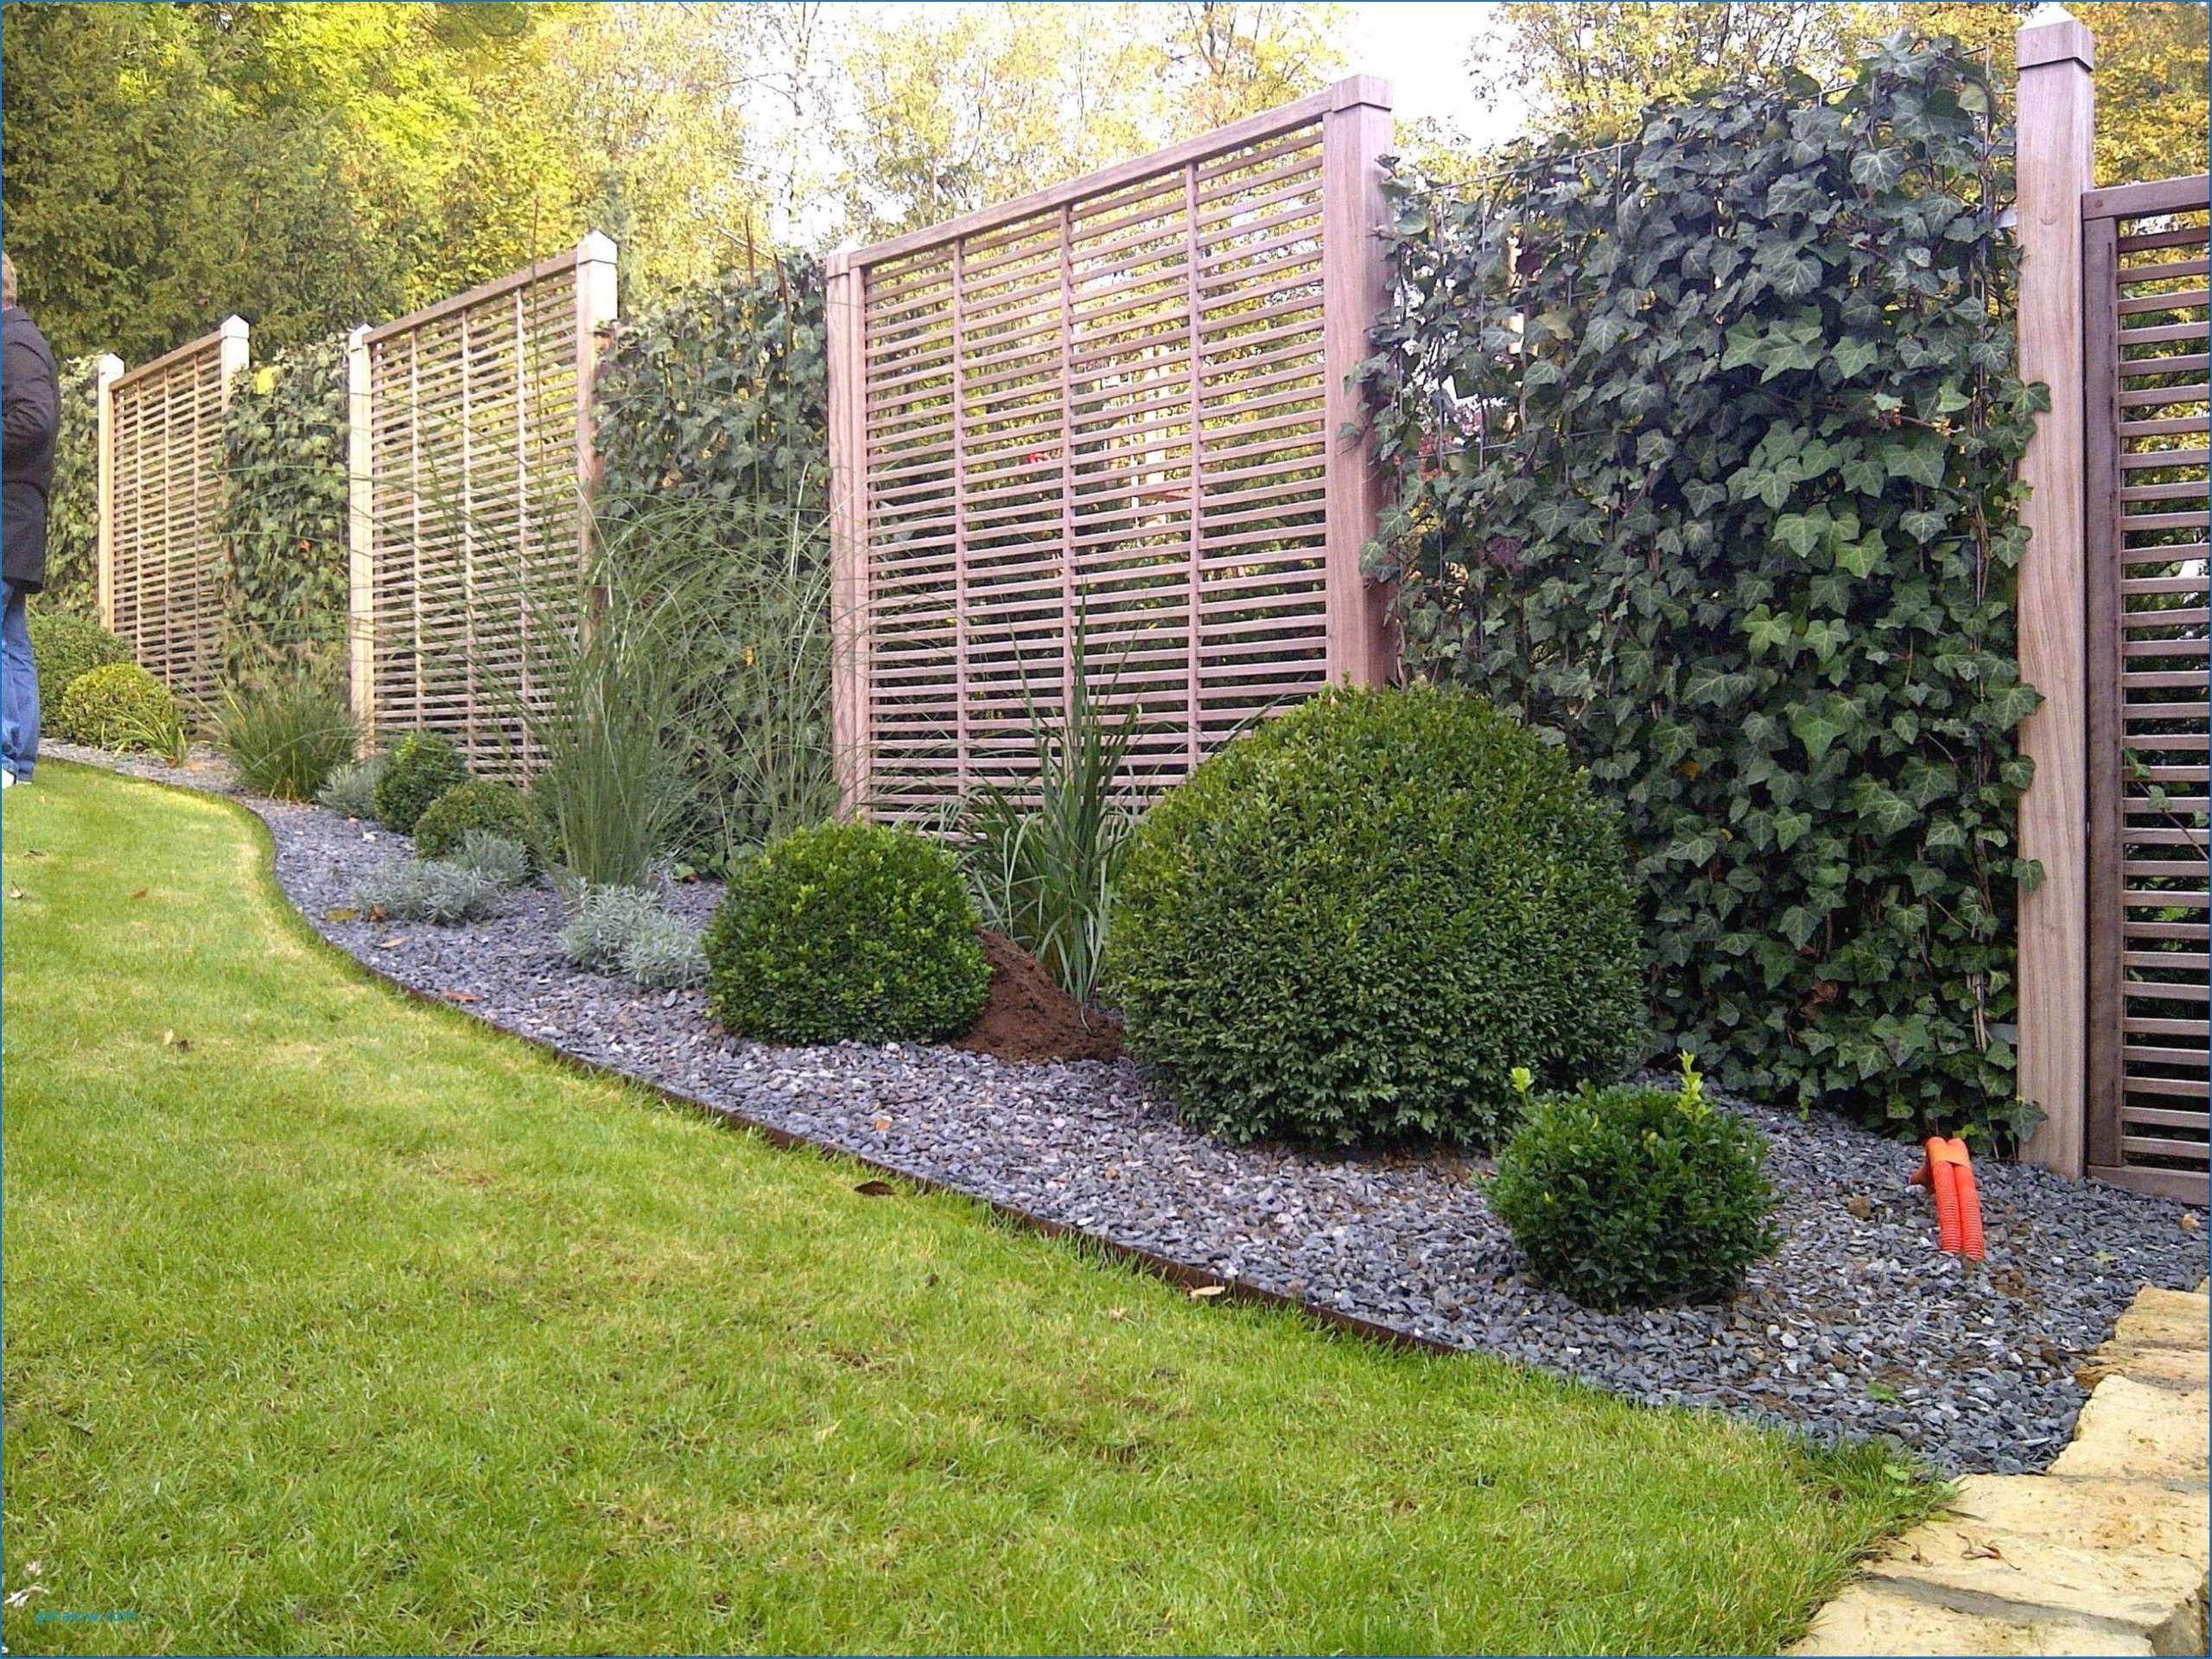 Garten Sichtschutz Ideen Neu Sichtschutz Ideen Garten Gallerie Fence Design Trees To Plant Outdoor Structures